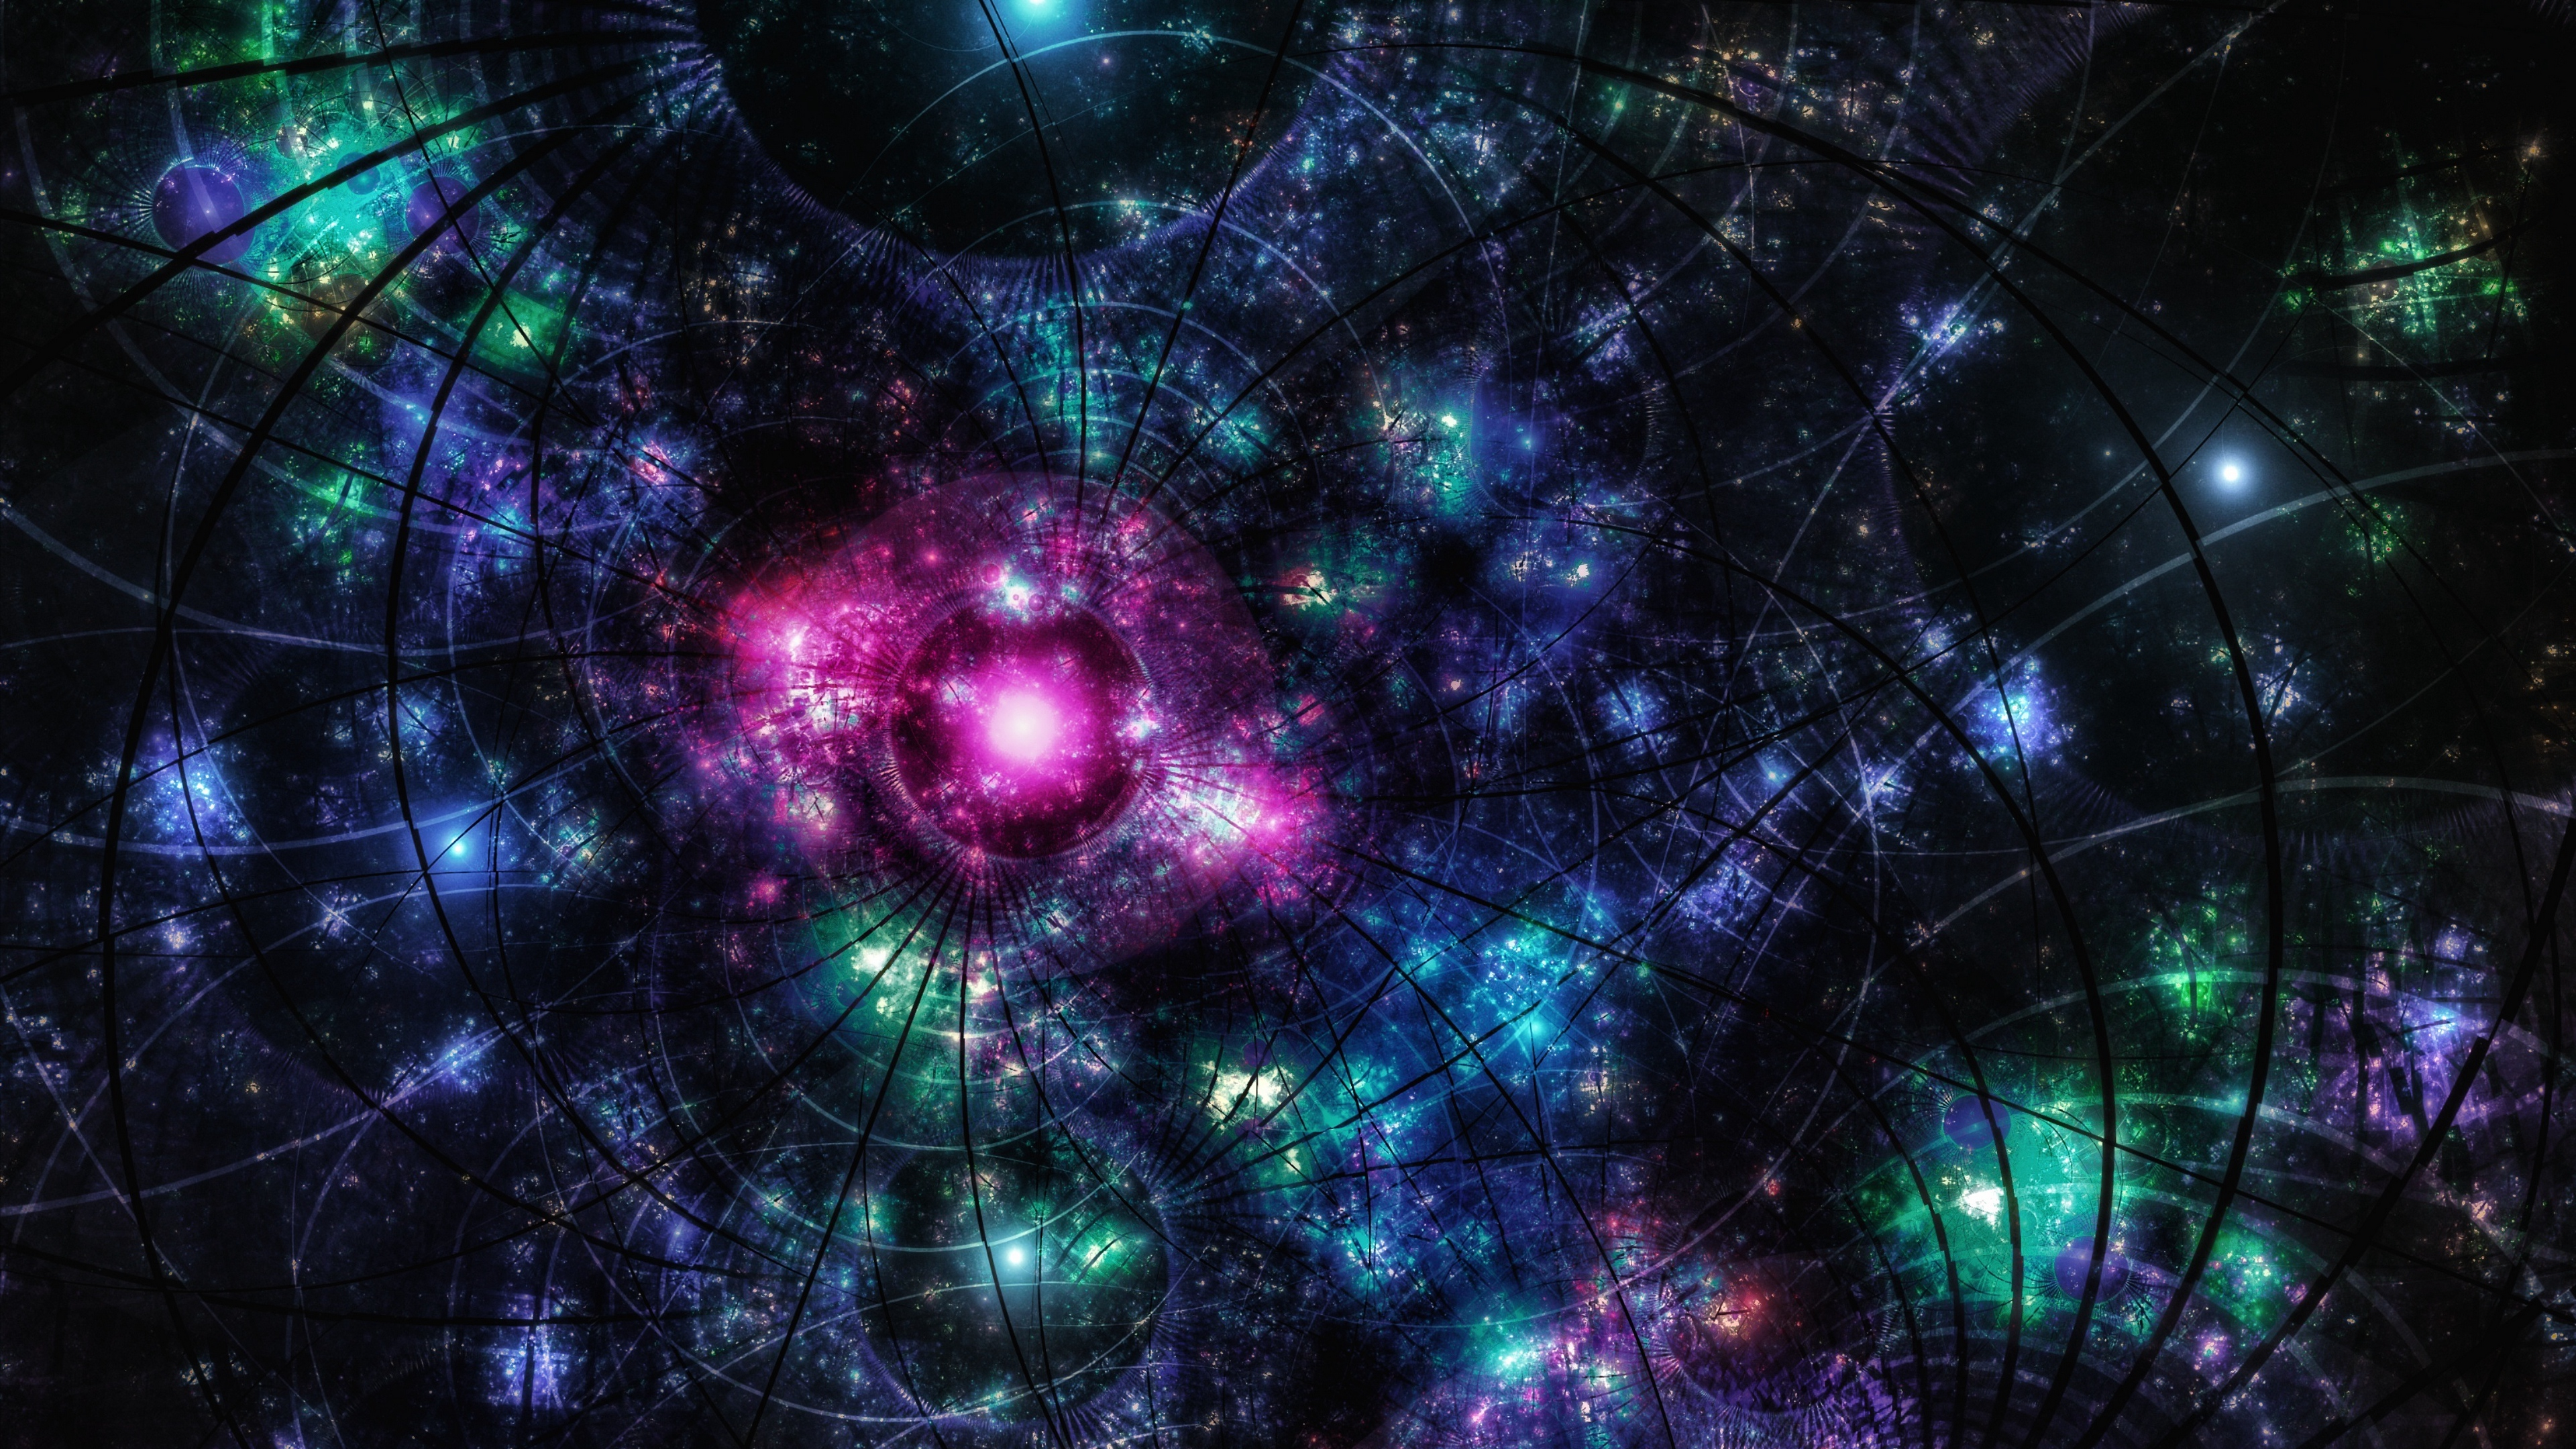 fractal patterns spots glitter 4k 1539369590 - fractal, patterns, spots, glitter 4k - spots, patterns, Fractal